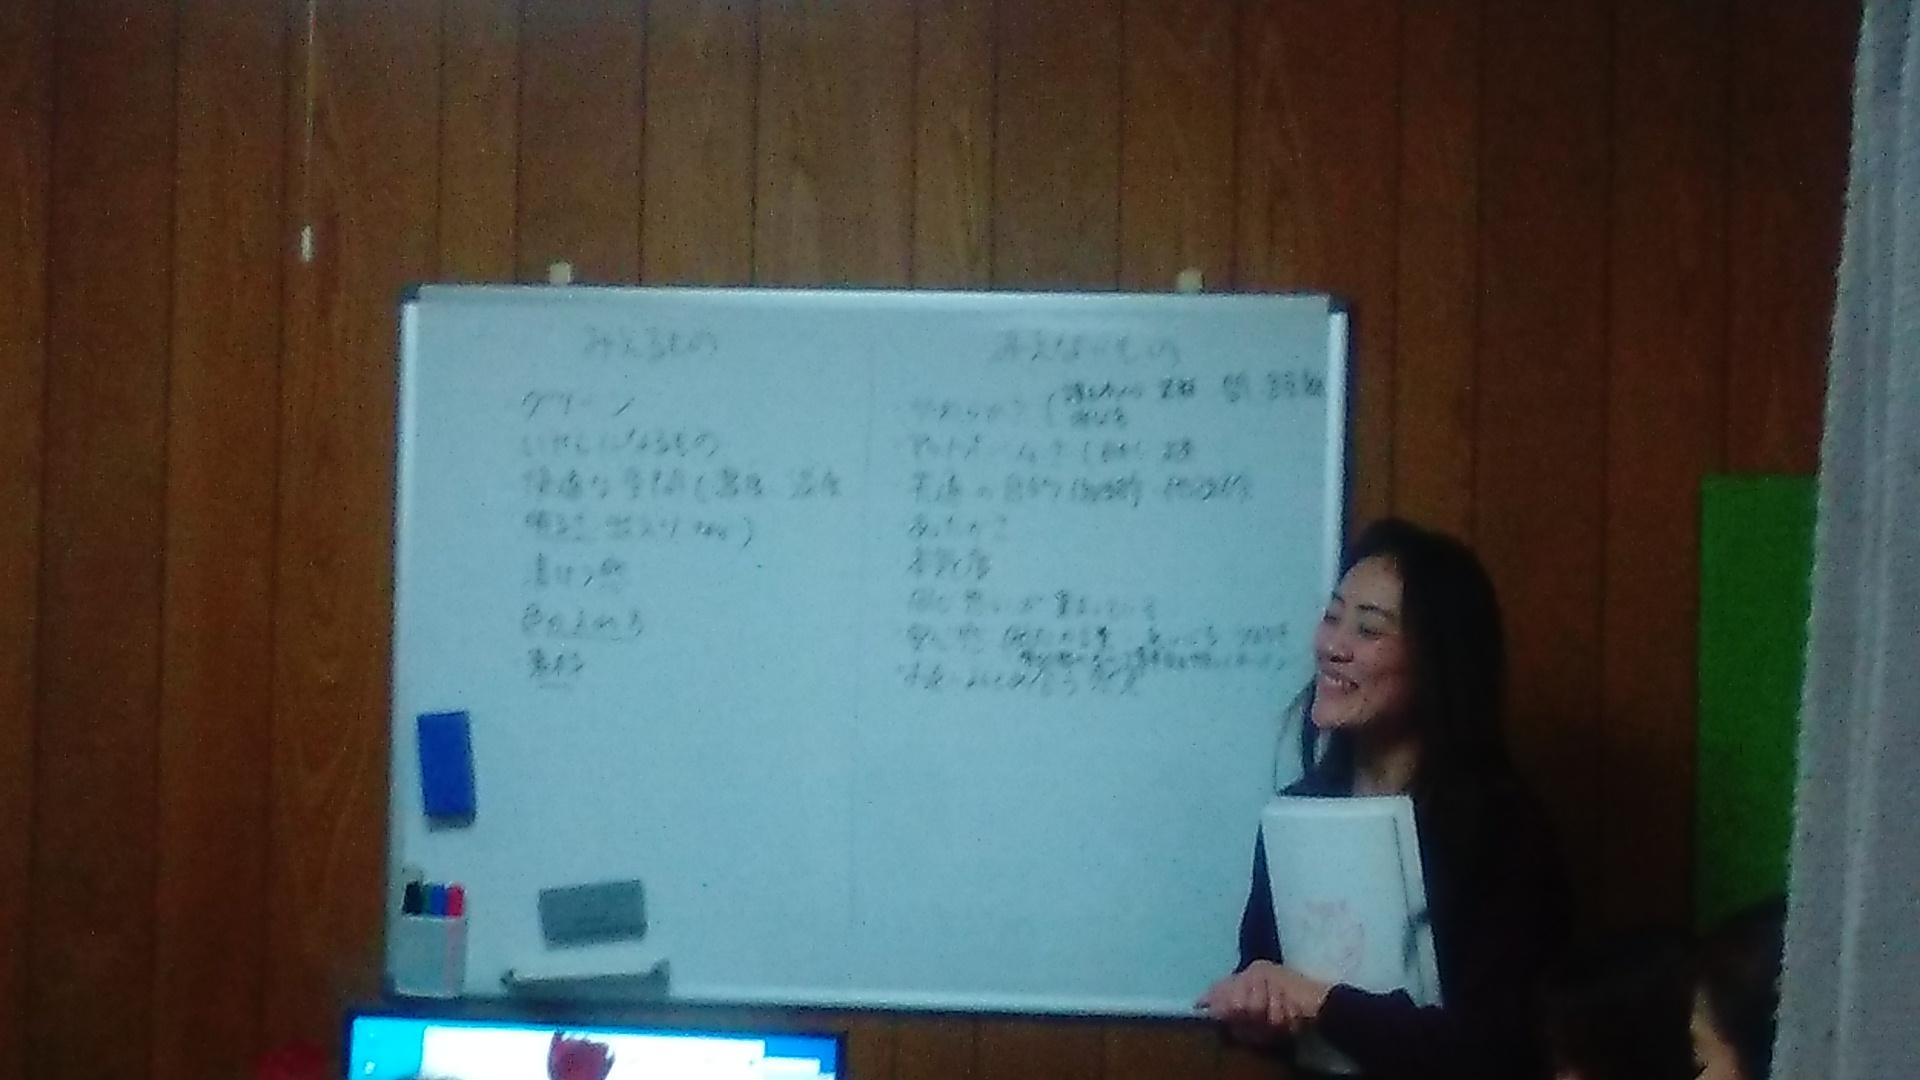 KIMG1485 - 胎内記憶教育協会、講師養成講座第5期の最終講義